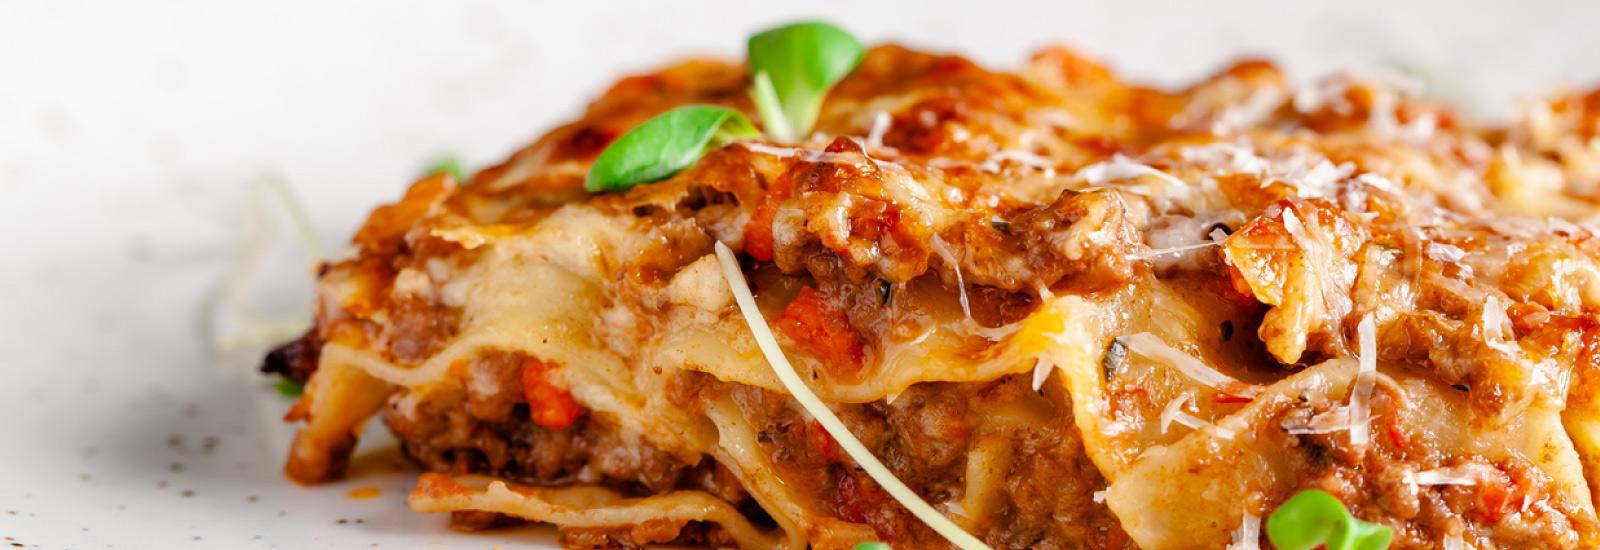 Italian Restaurants in Wichita Falls, Wichita Falls, TX